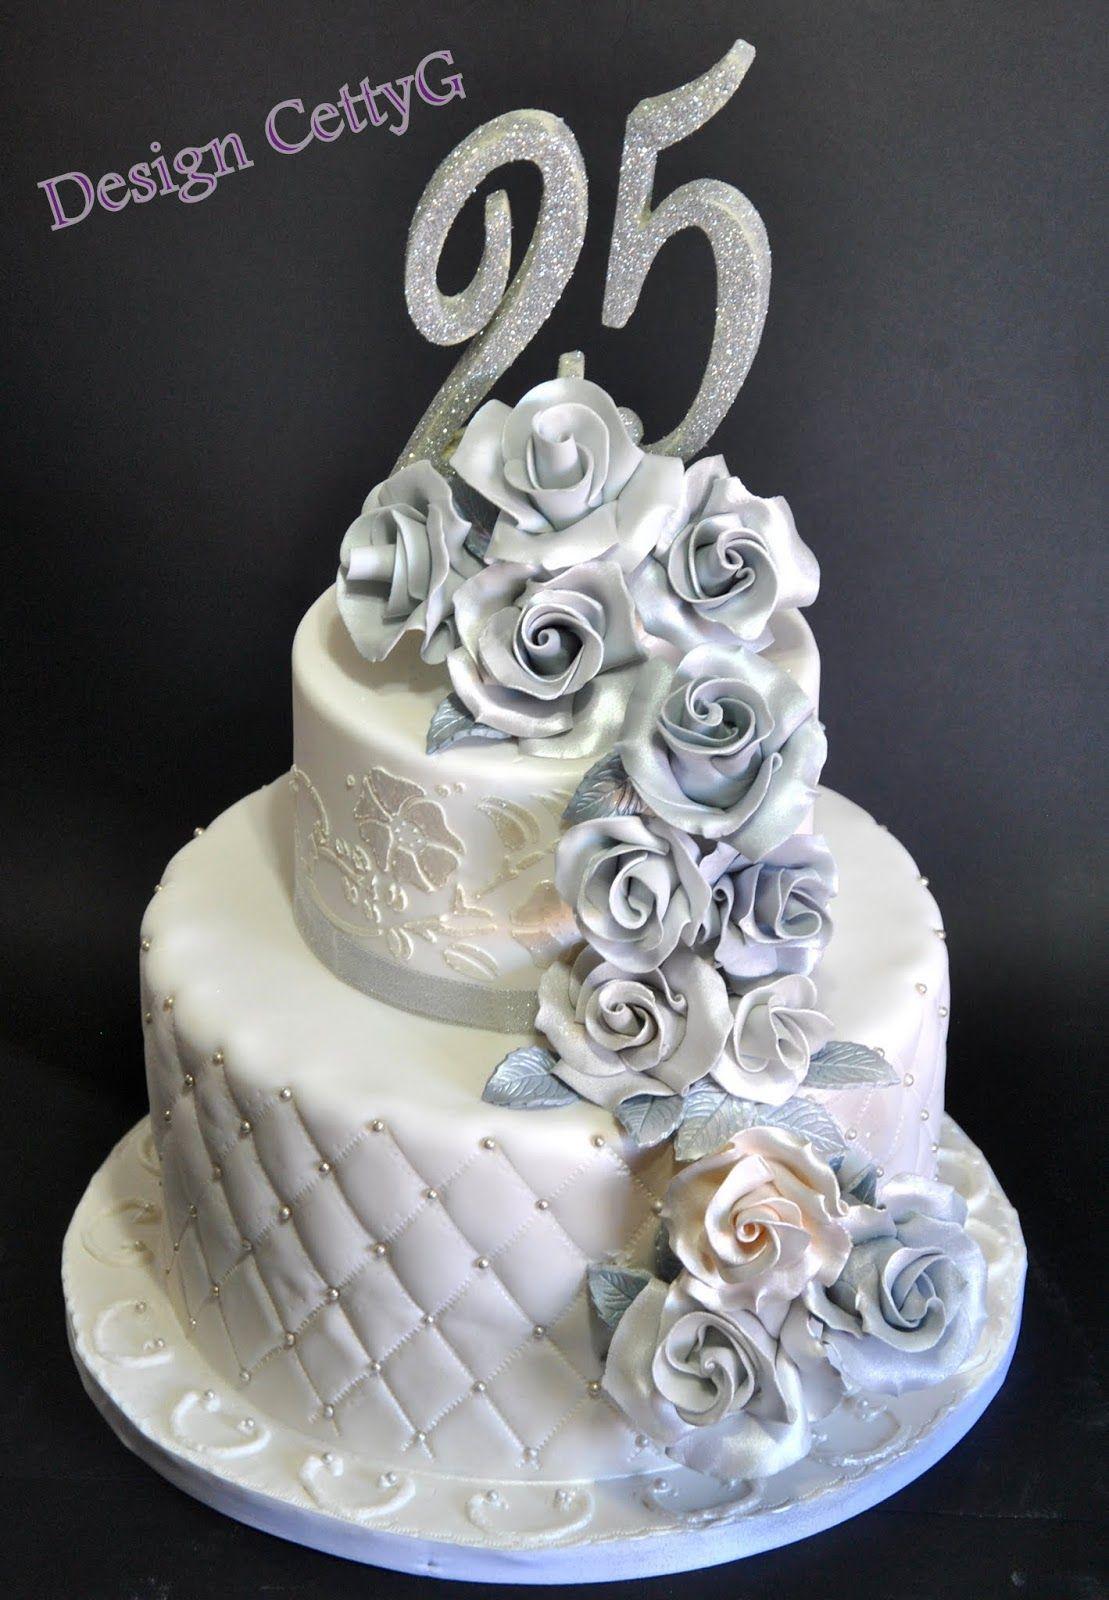 le torte decorate di cettyg 25 anniversario cake